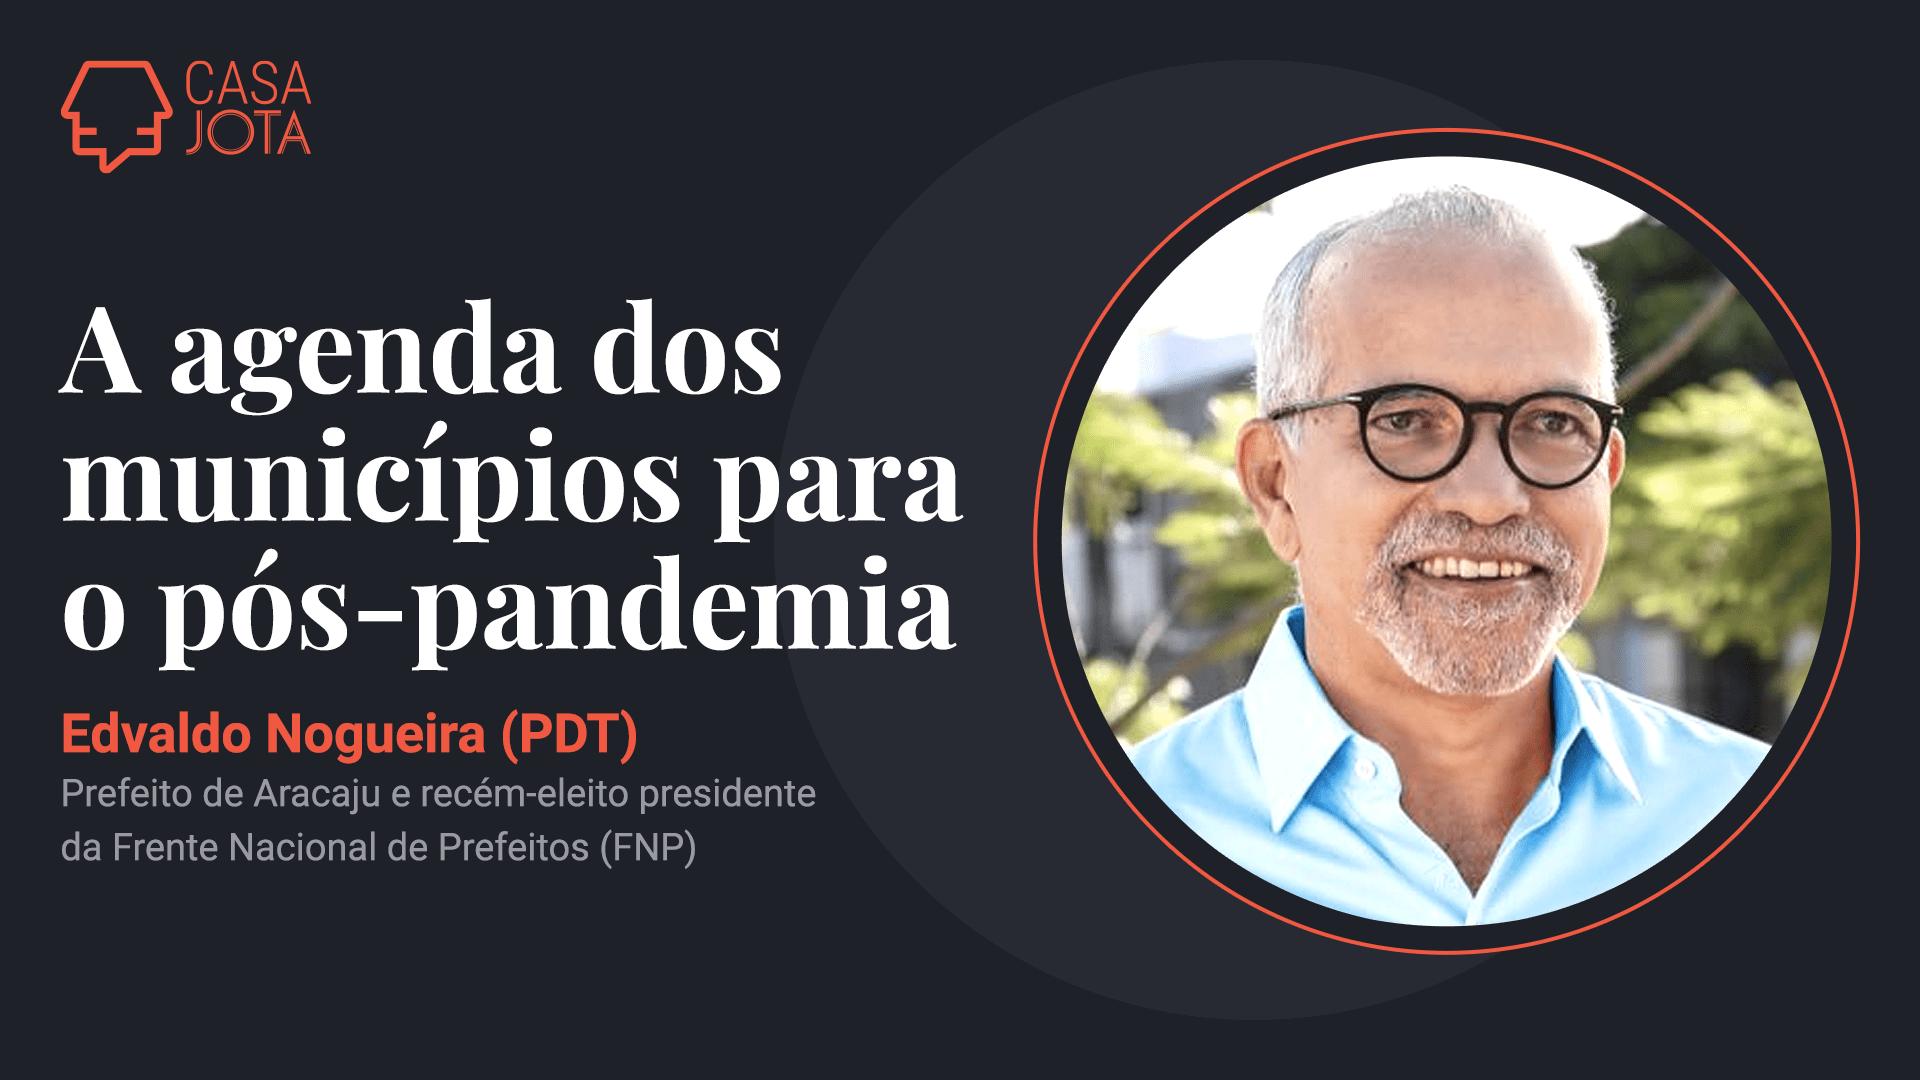 agenda dos municípios para o pós-pandemia